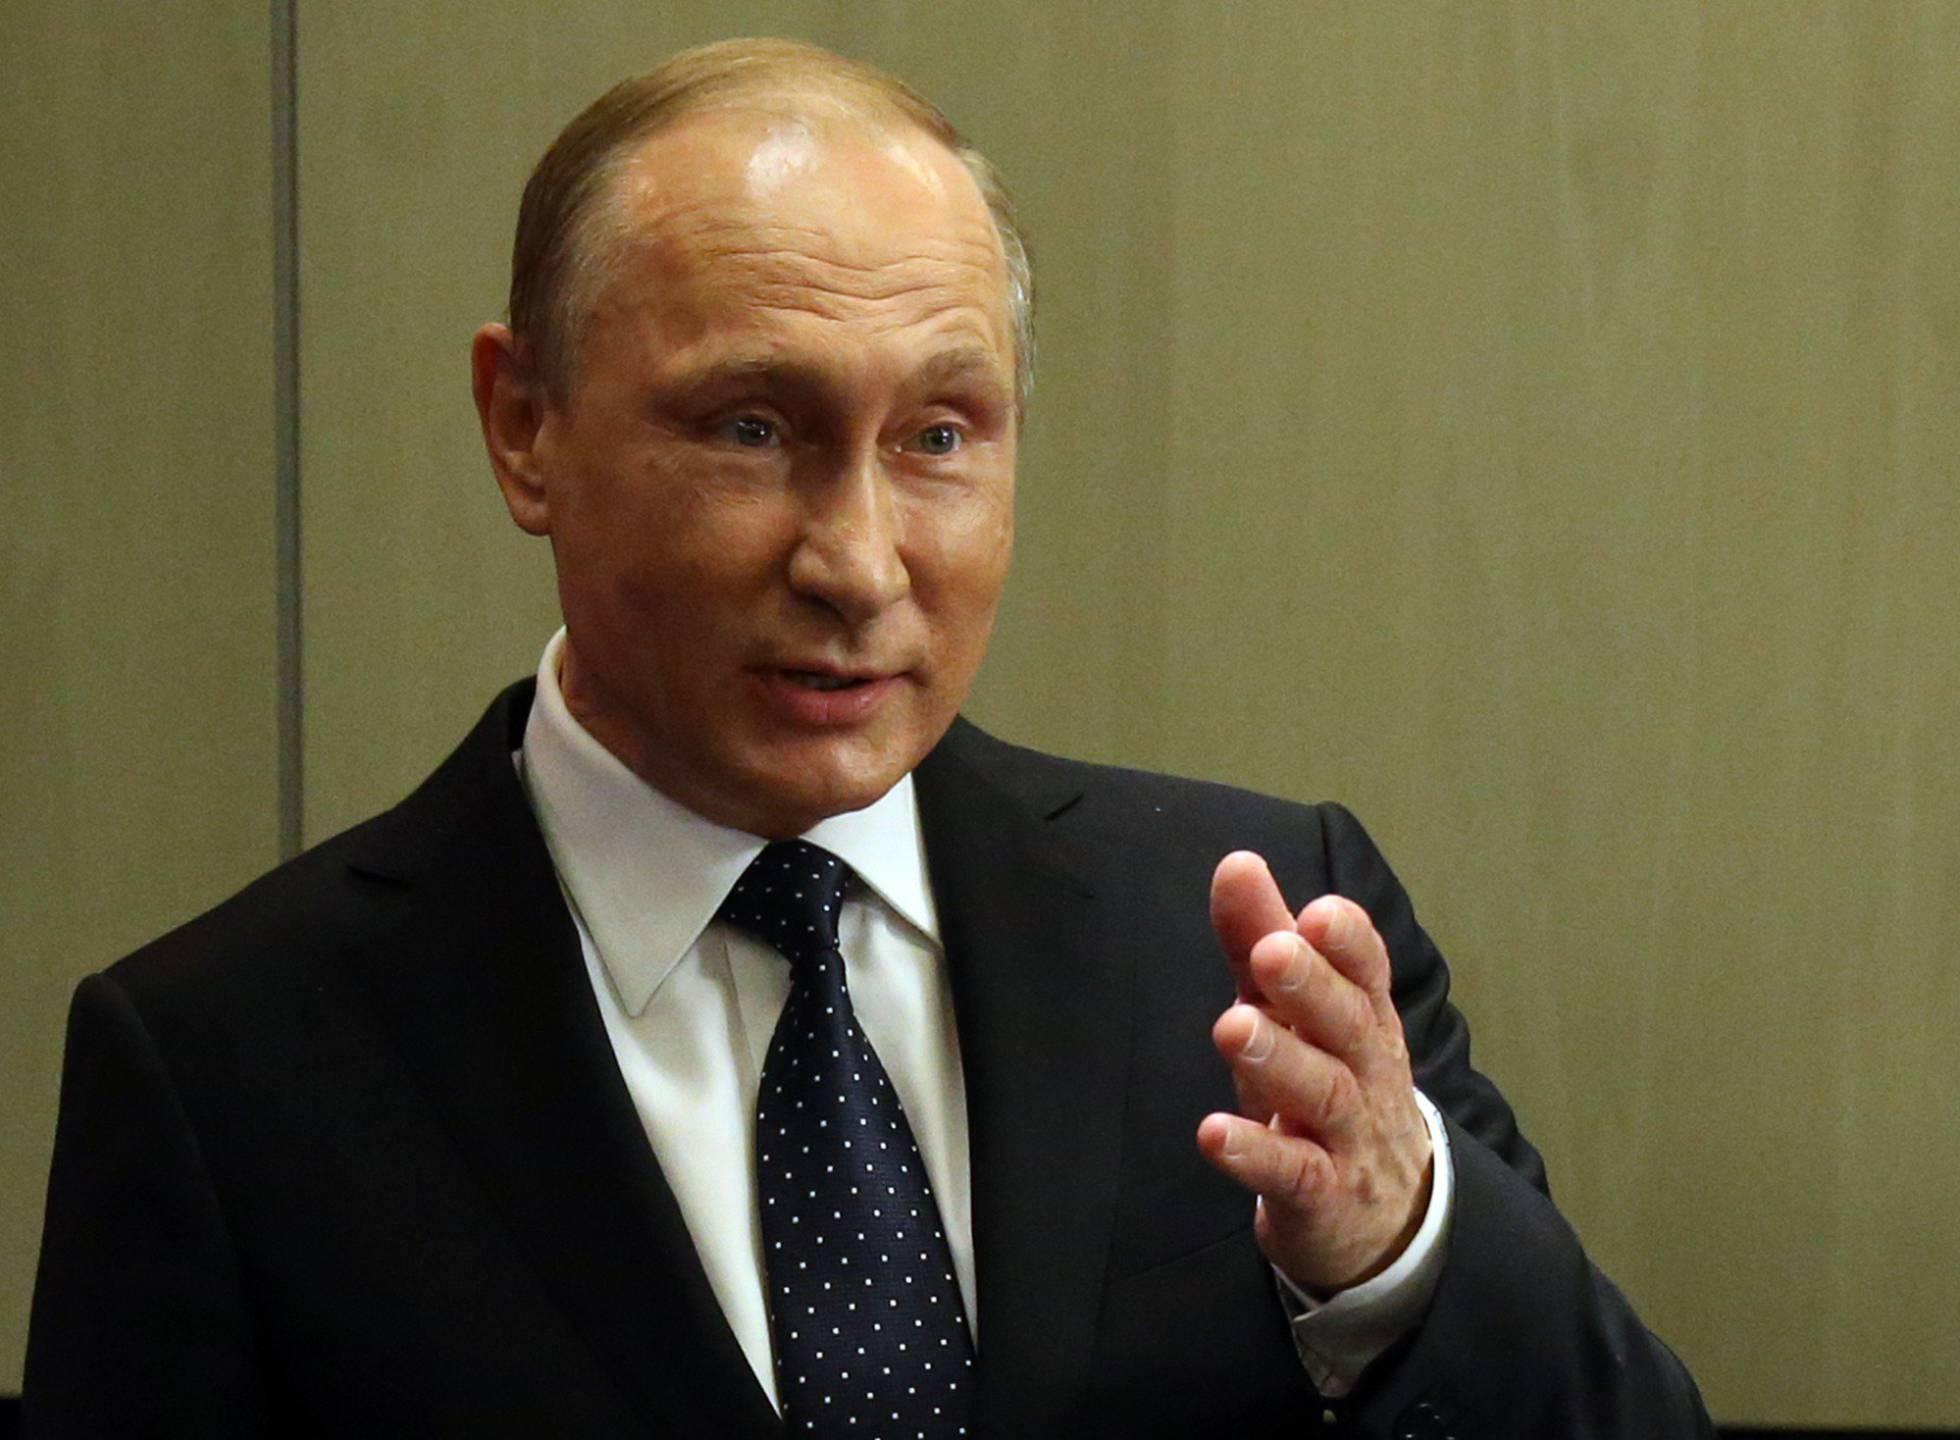 nacional - Dependencia Europea del gas Ruso en conflicto por su paso por Ucrania - Página 2 1465318966_745742_1465319240_noticia_normal_recorte1